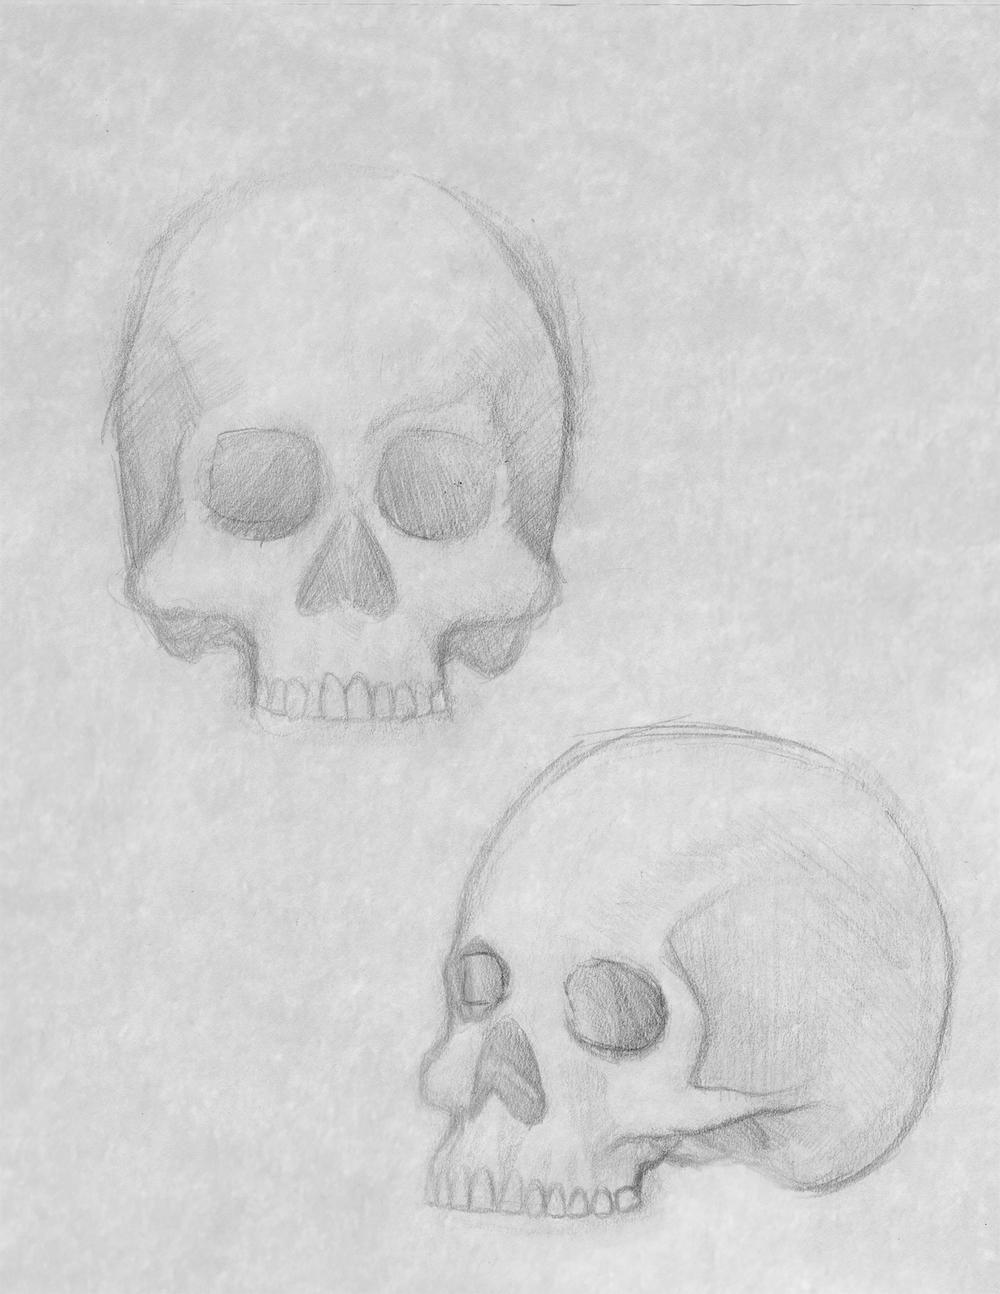 skull_study_2.jpg